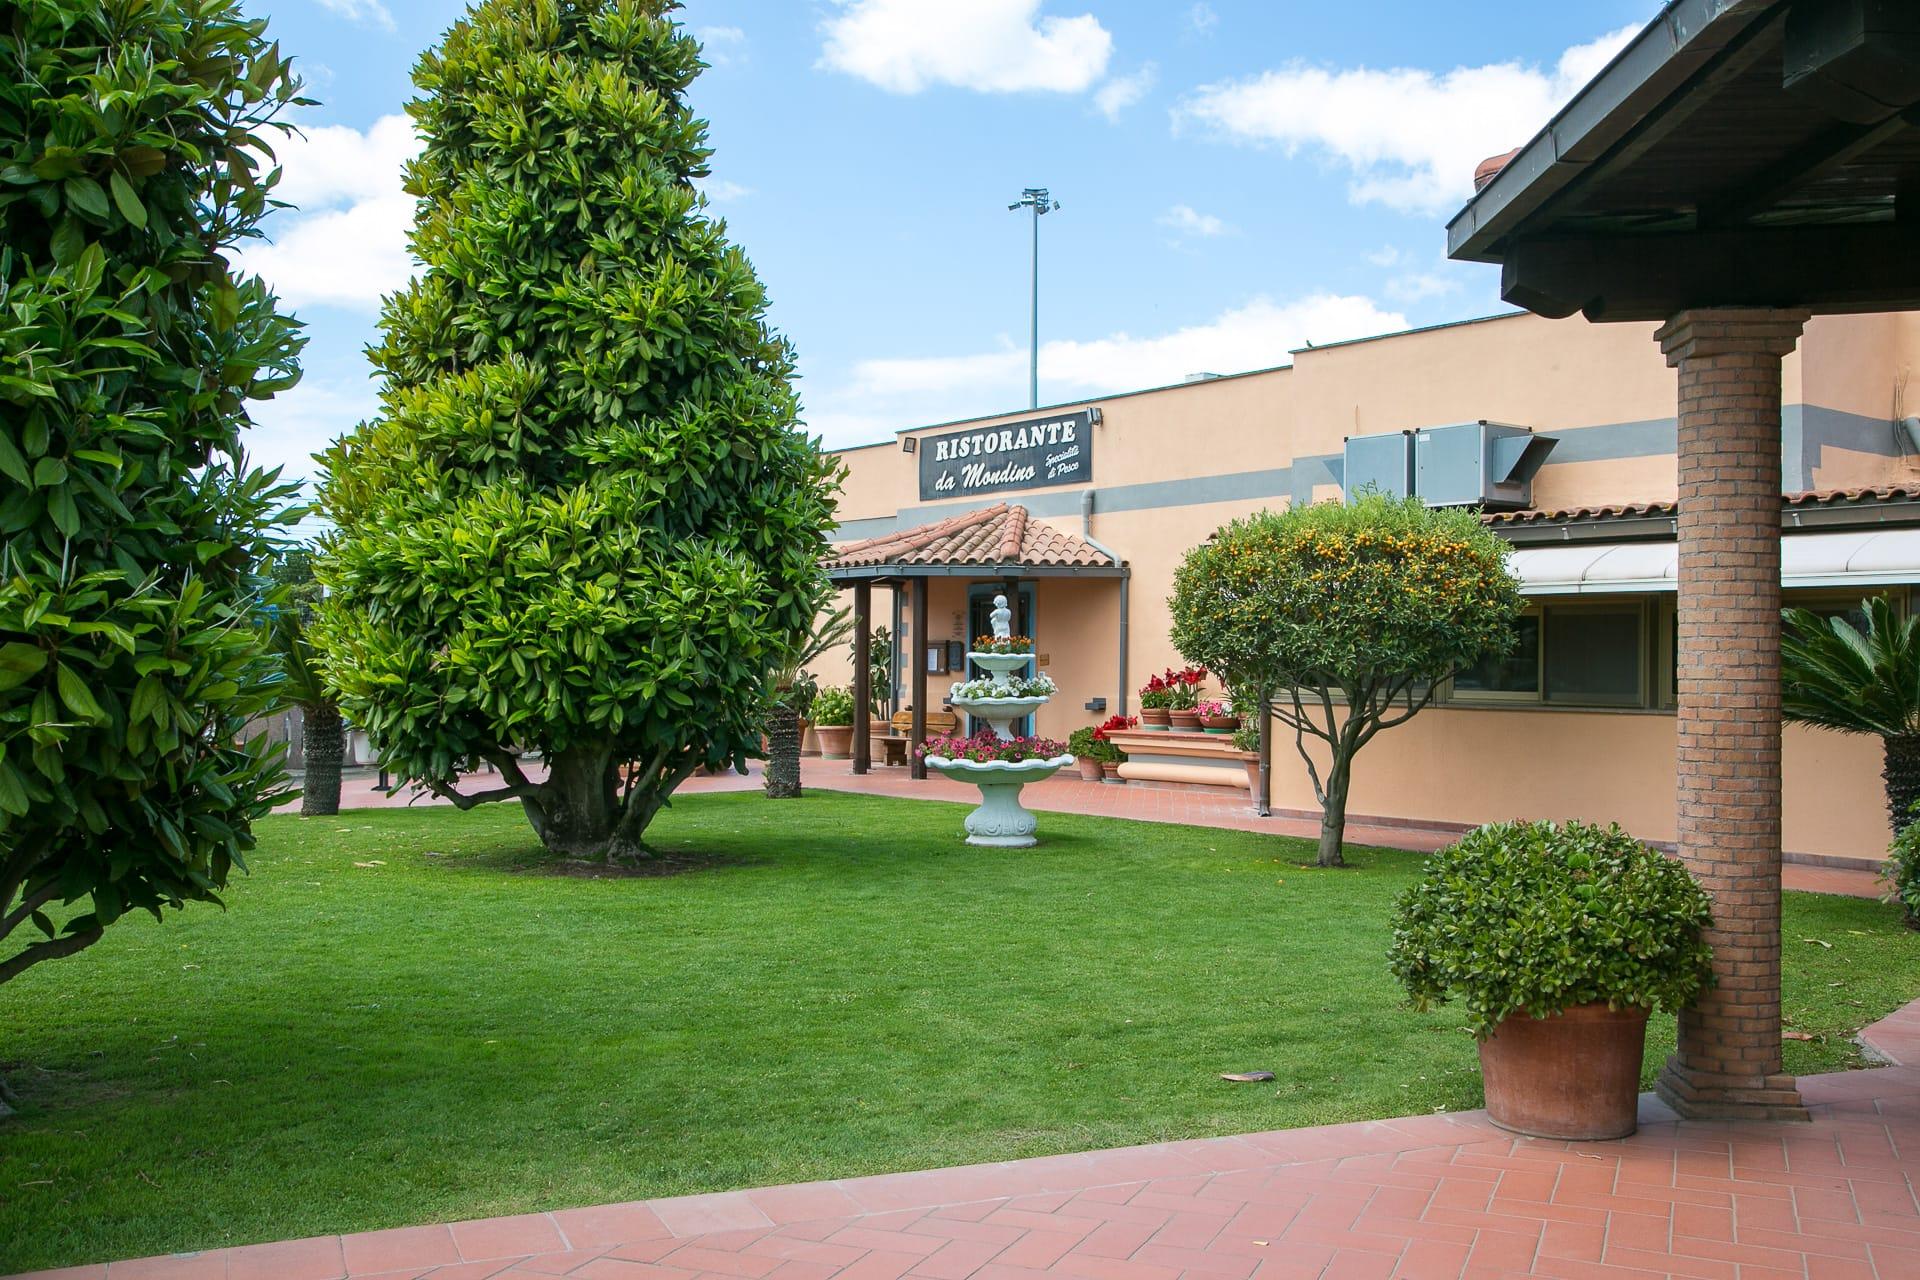 ristorante_mondino_tarquinia-35